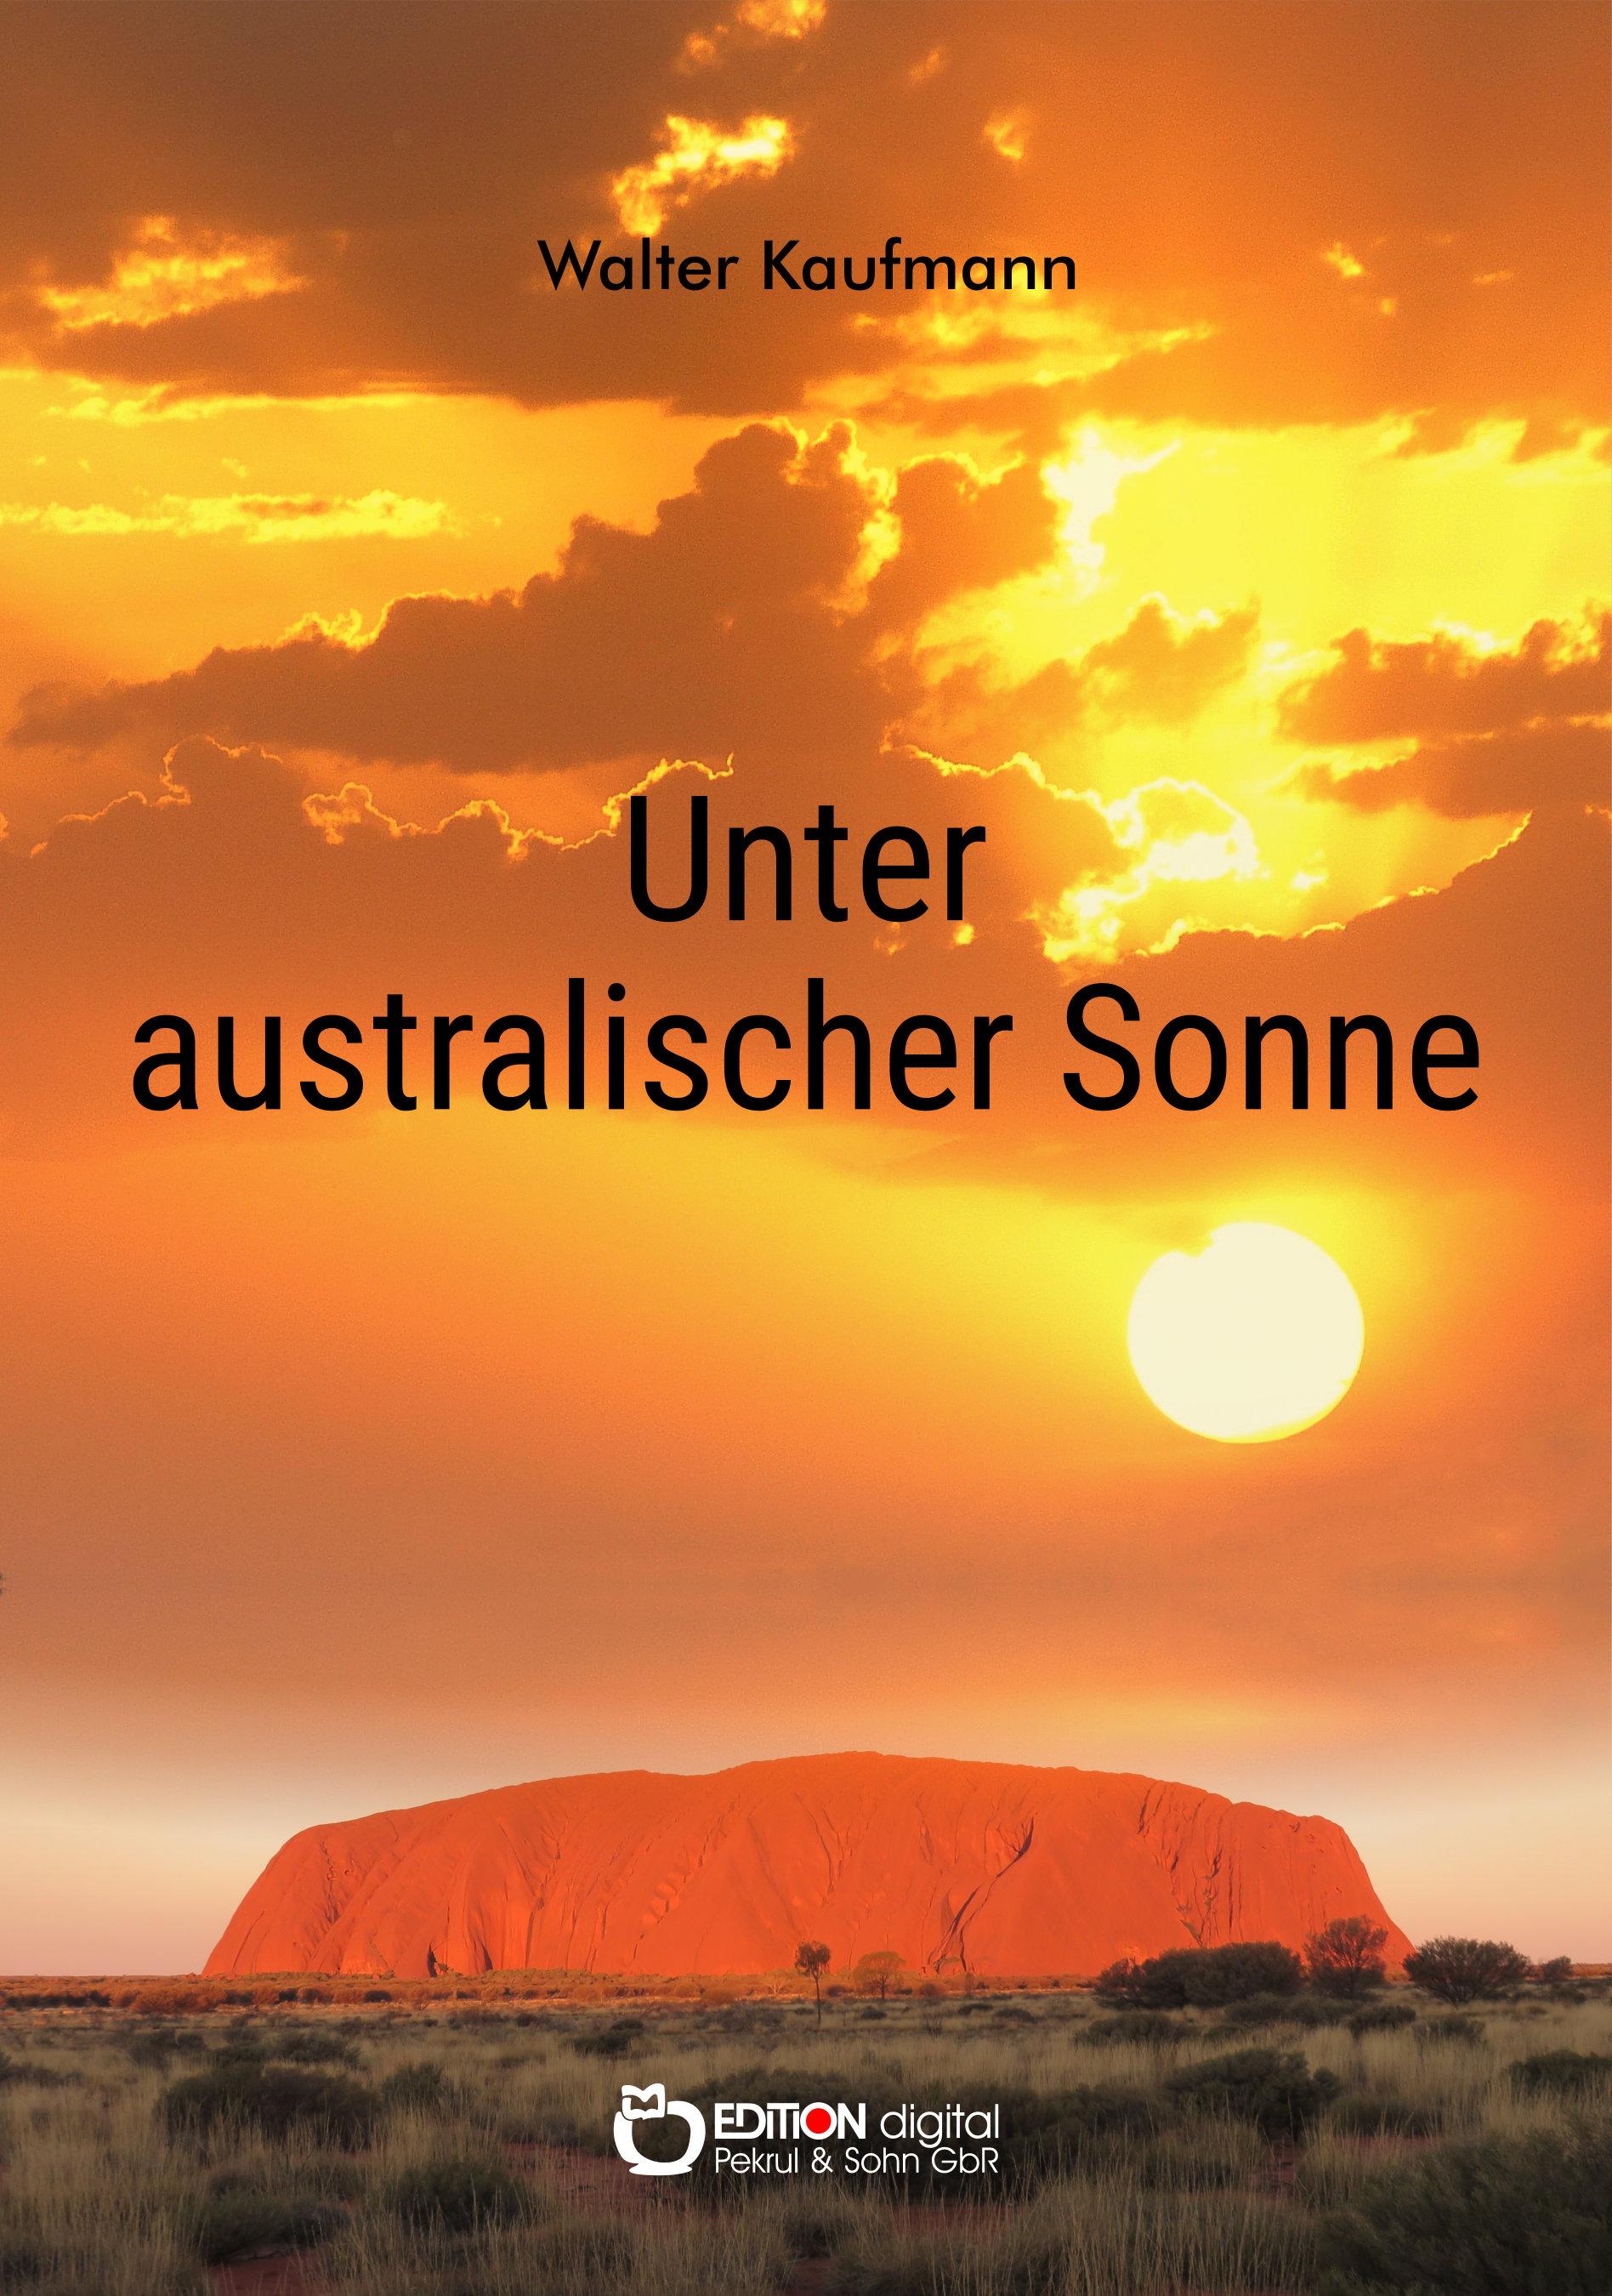 Unter australischer Sonne von Walter Kaufmann